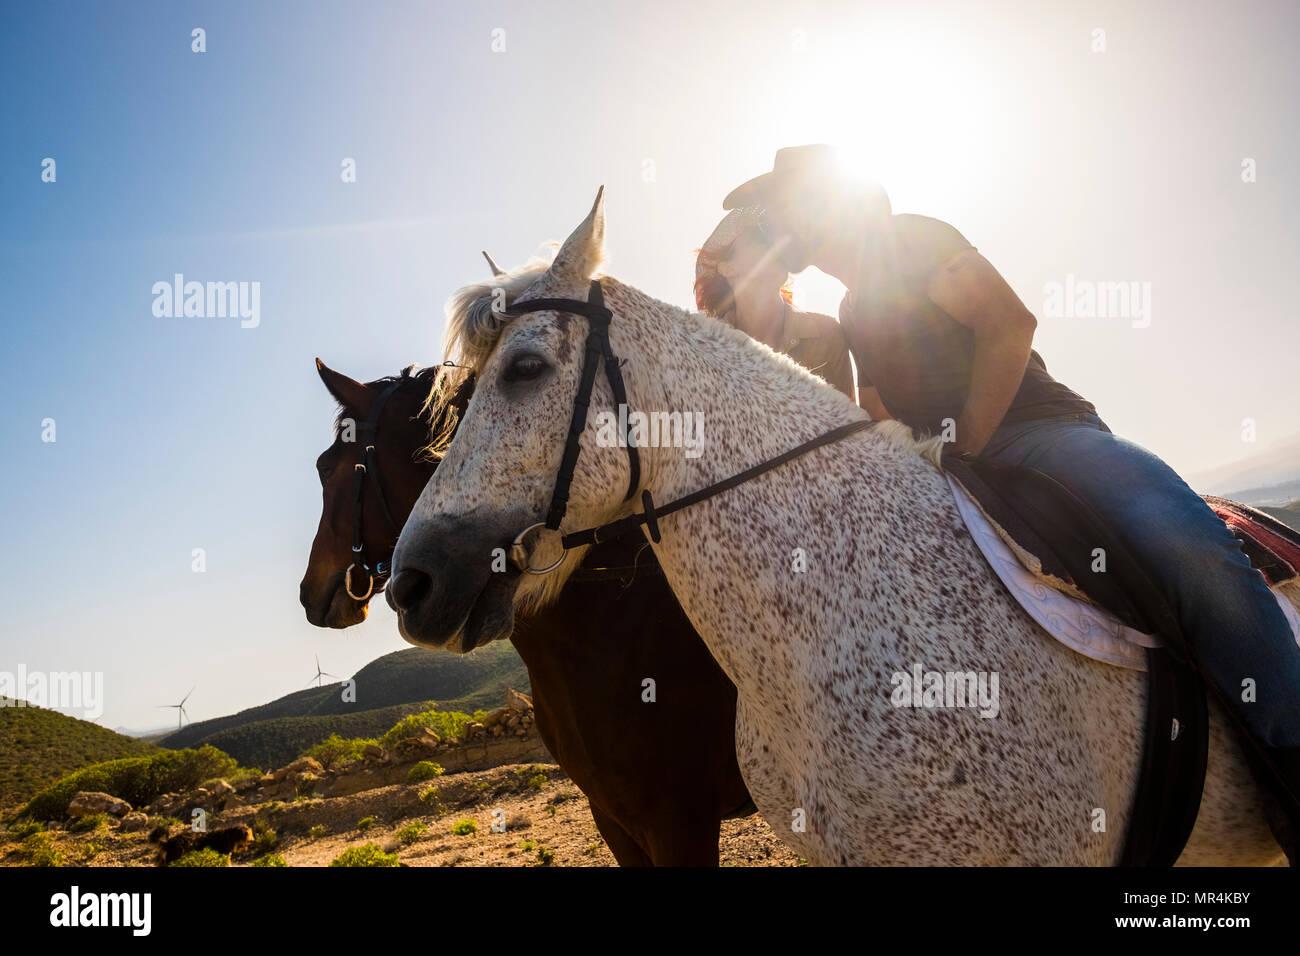 Liebe Szene zwischen junge Schöne coule reiten zwei nette Pferde in der Natur. Windmühle für grüne Energie und bessere Zukunft im Hintergrund. Alternativ Stockbild